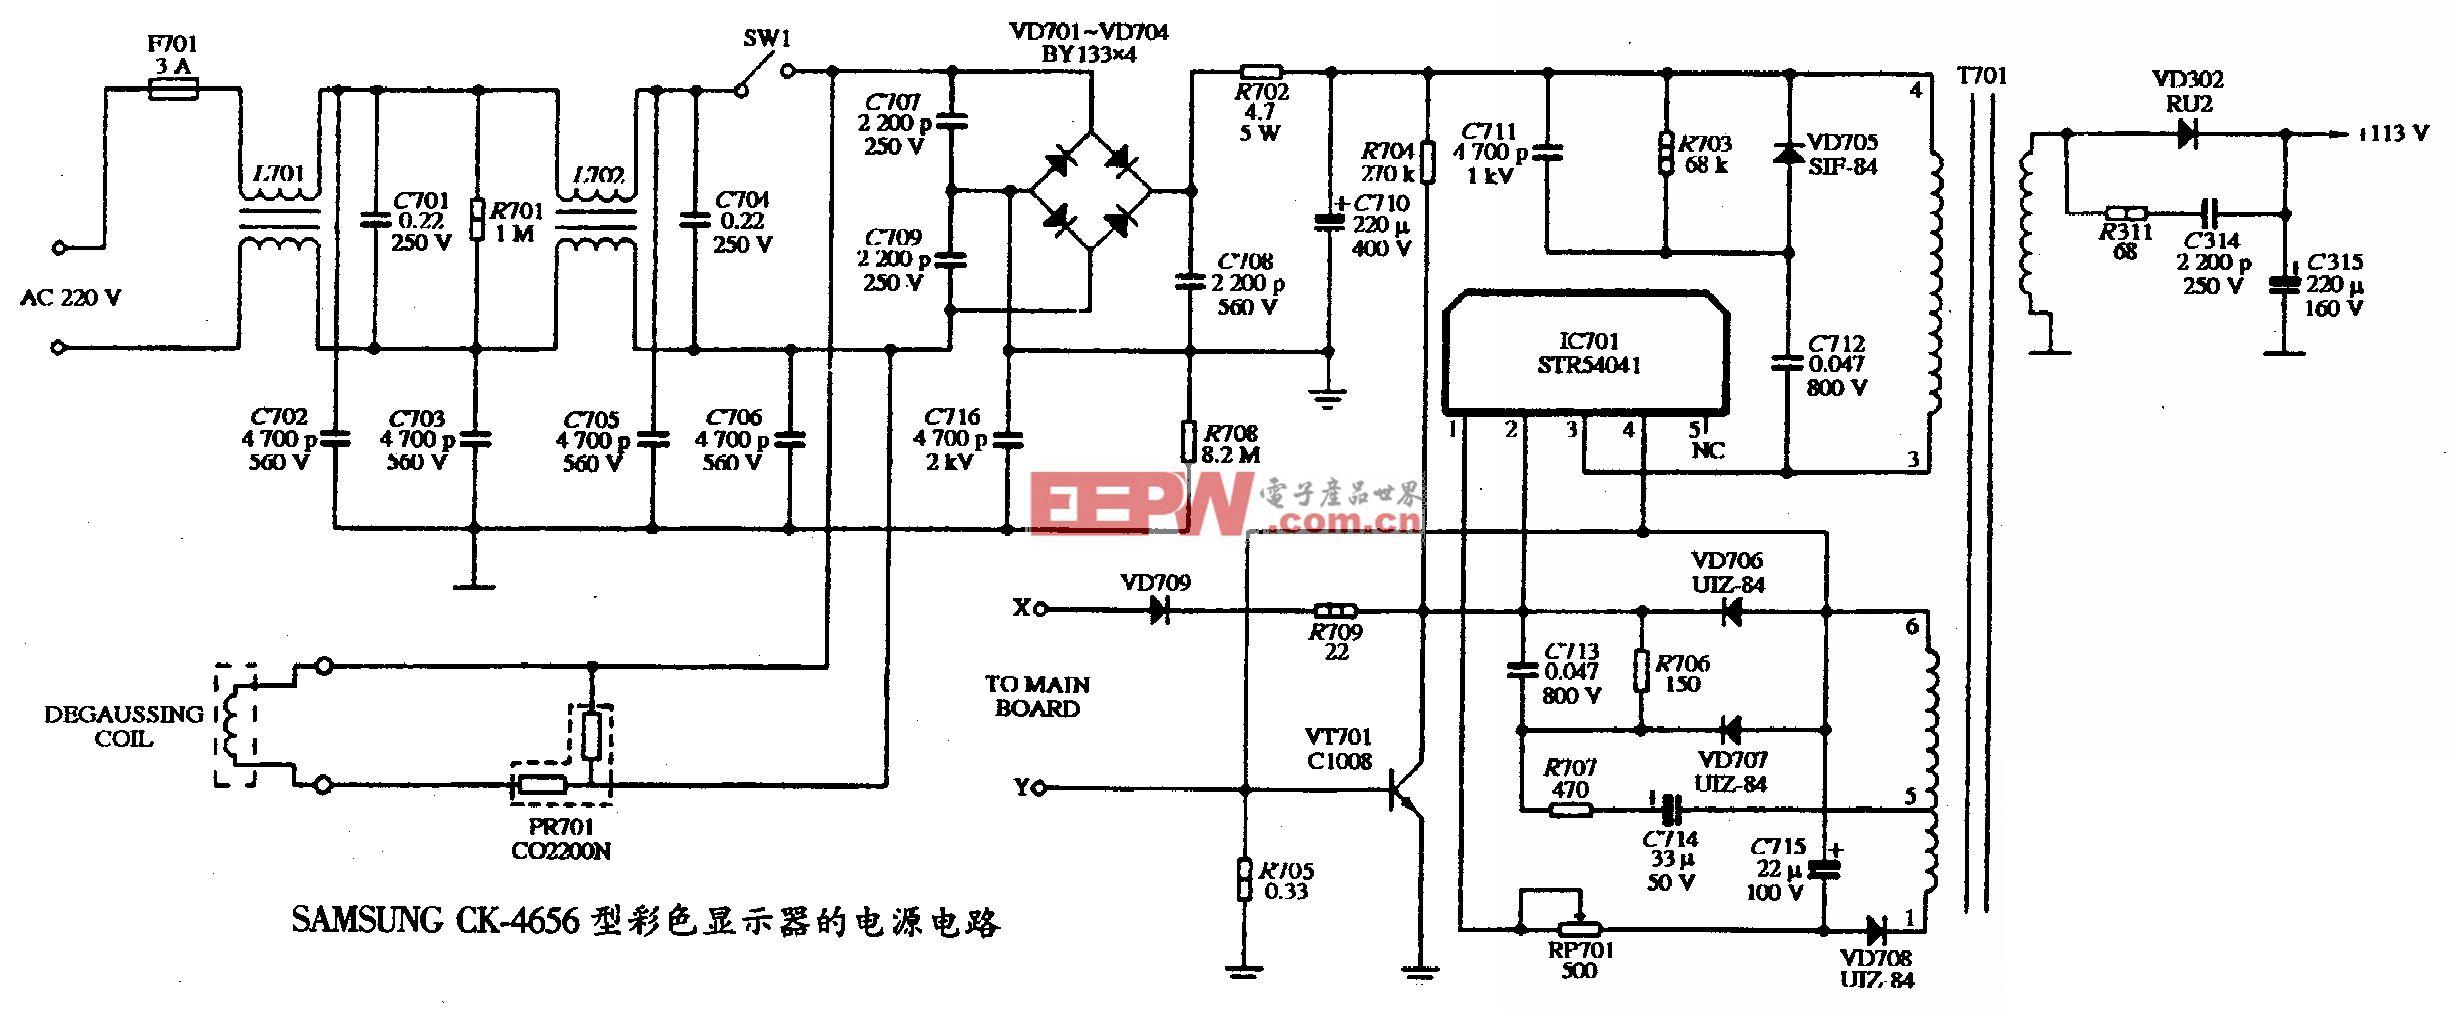 SAMSUNG CK-4656型彩色显示器的电源电路图